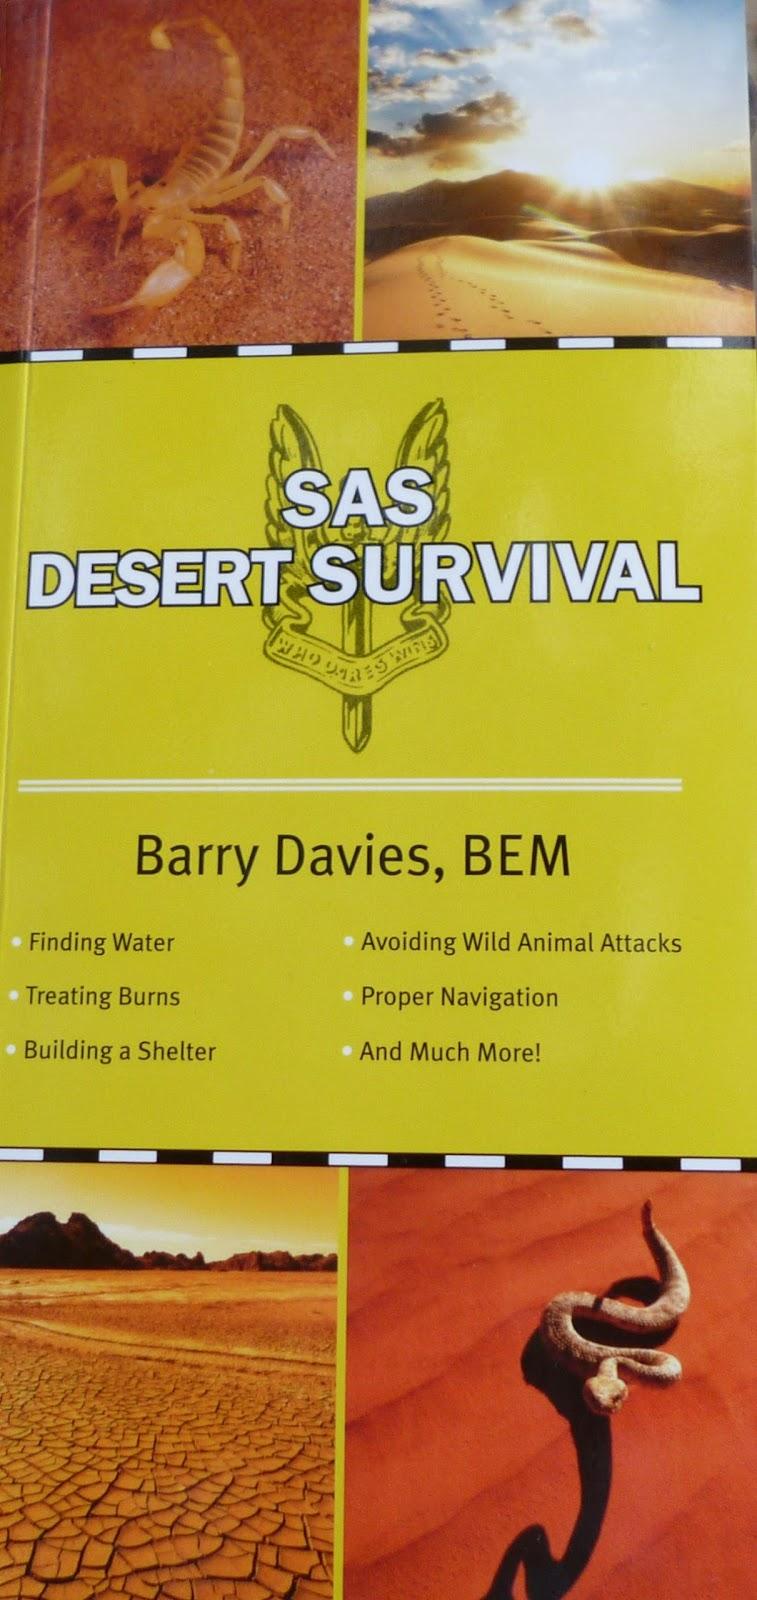 SAS Desert Survival Guide.JPG